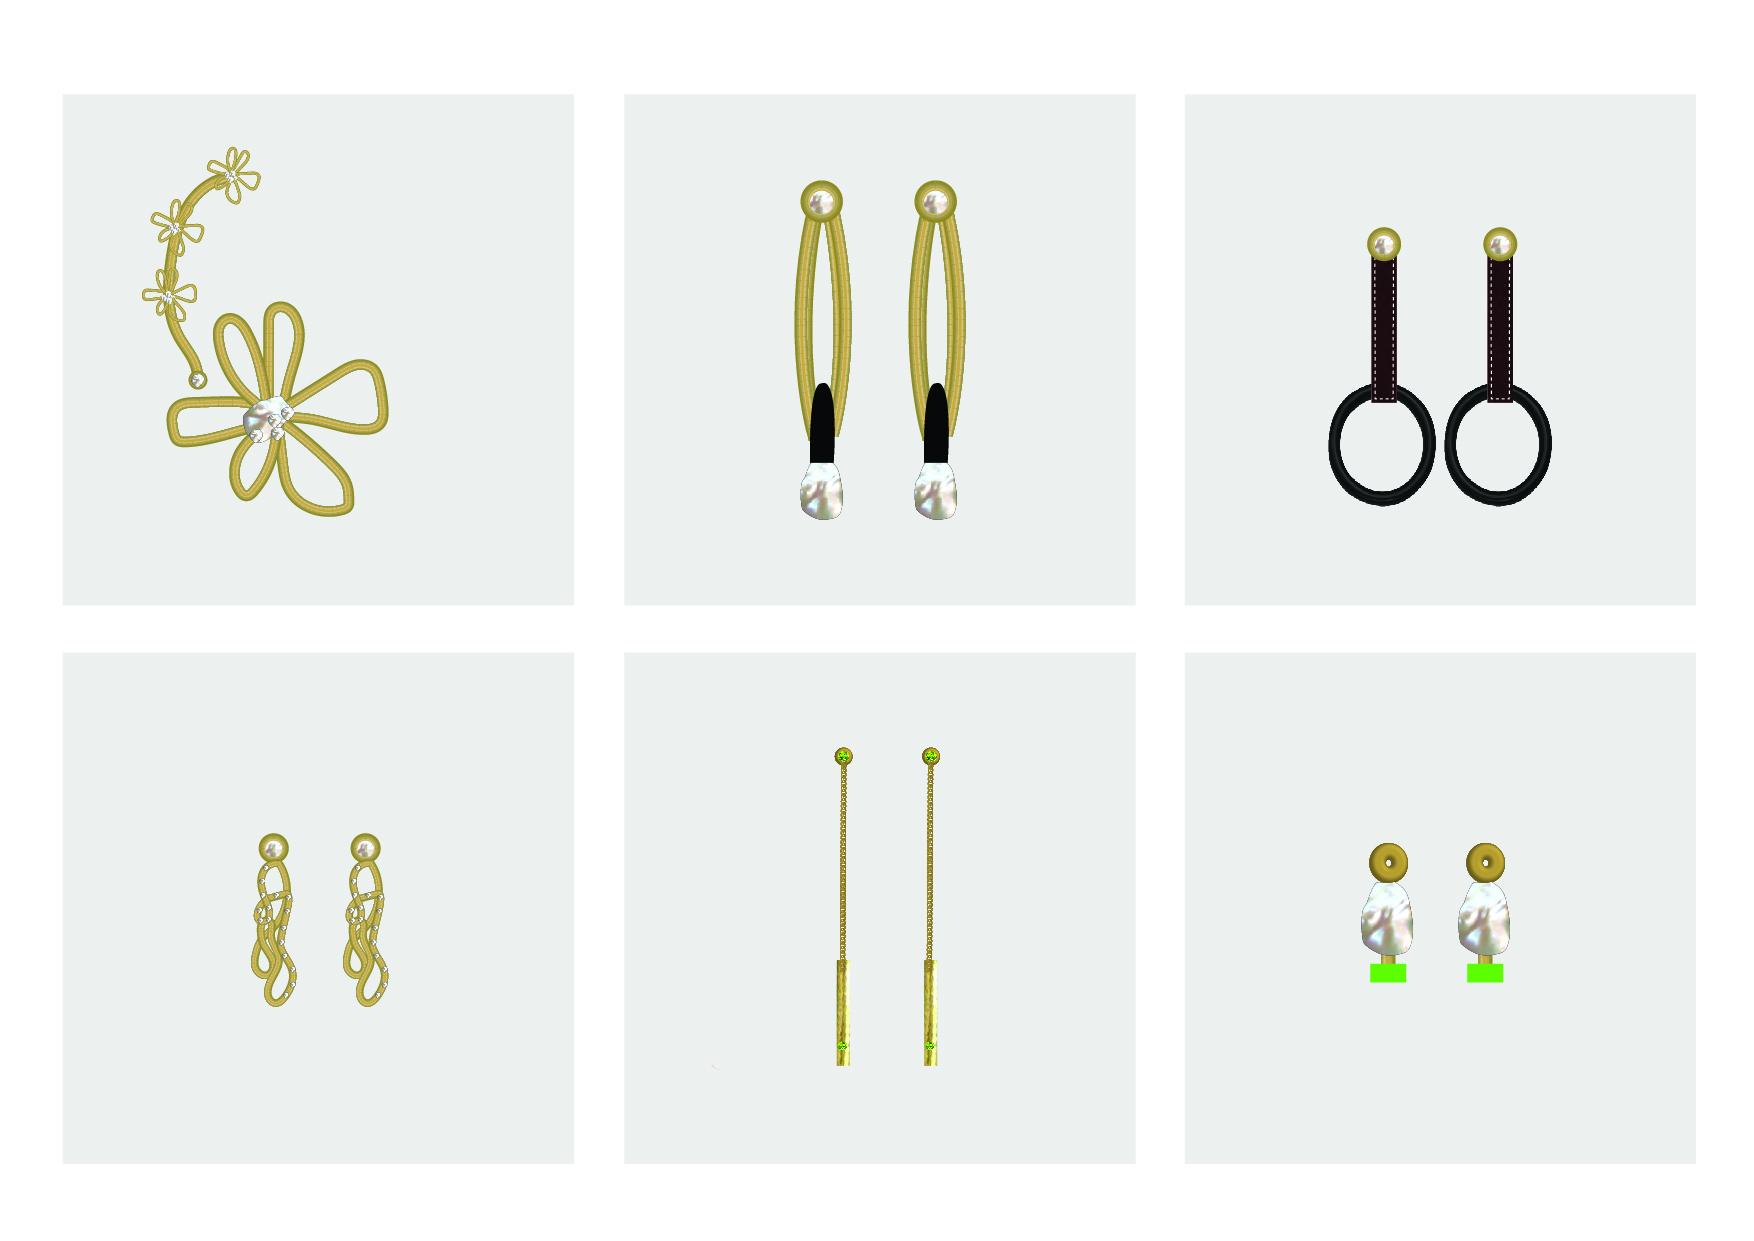 ELLERY DESIGNS squarespace  -07.jpg